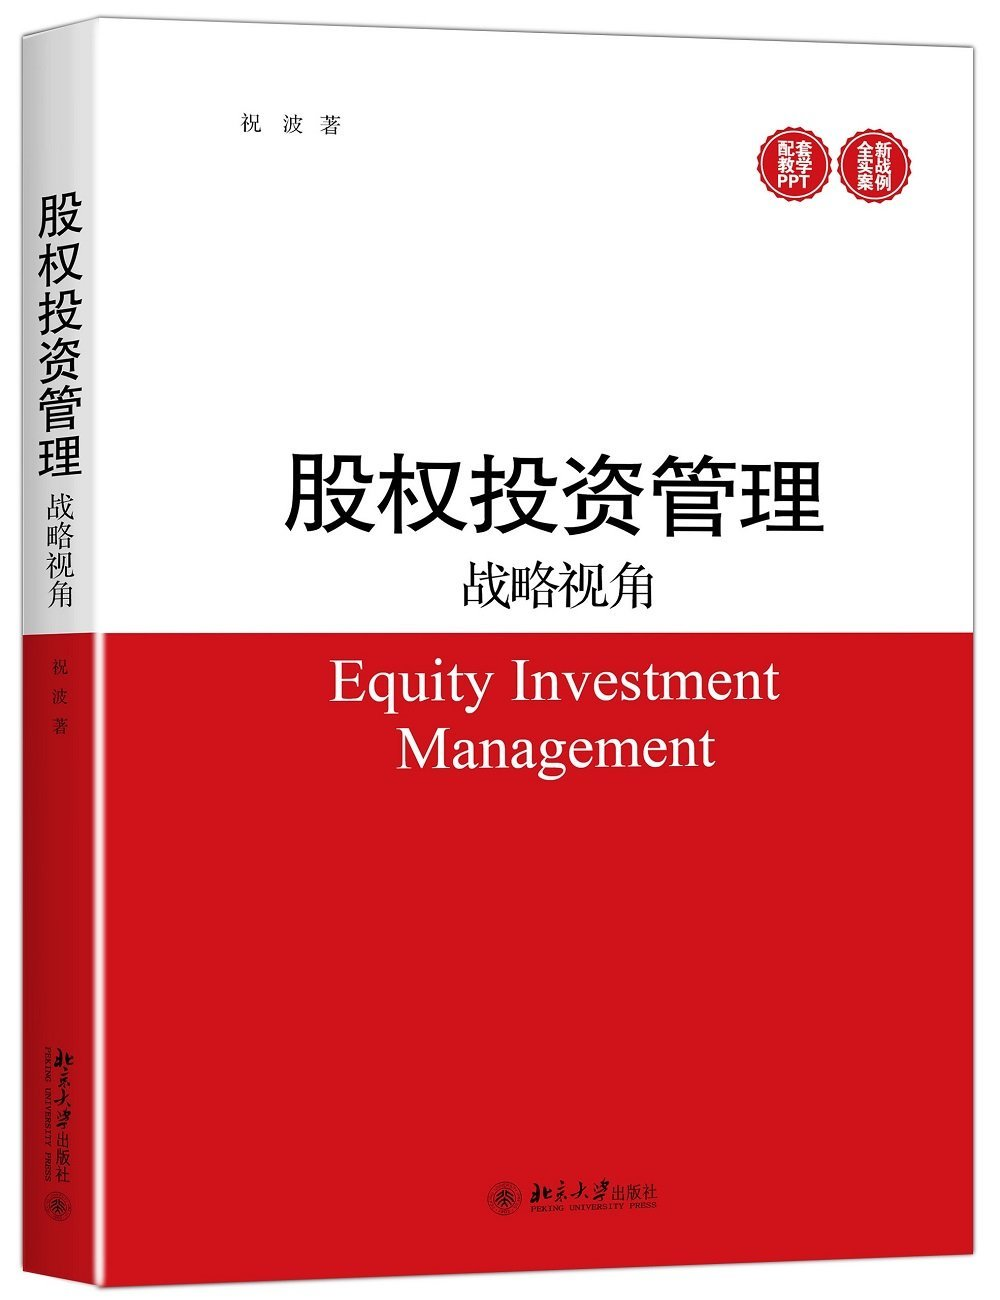 股權投資管理戰略視角